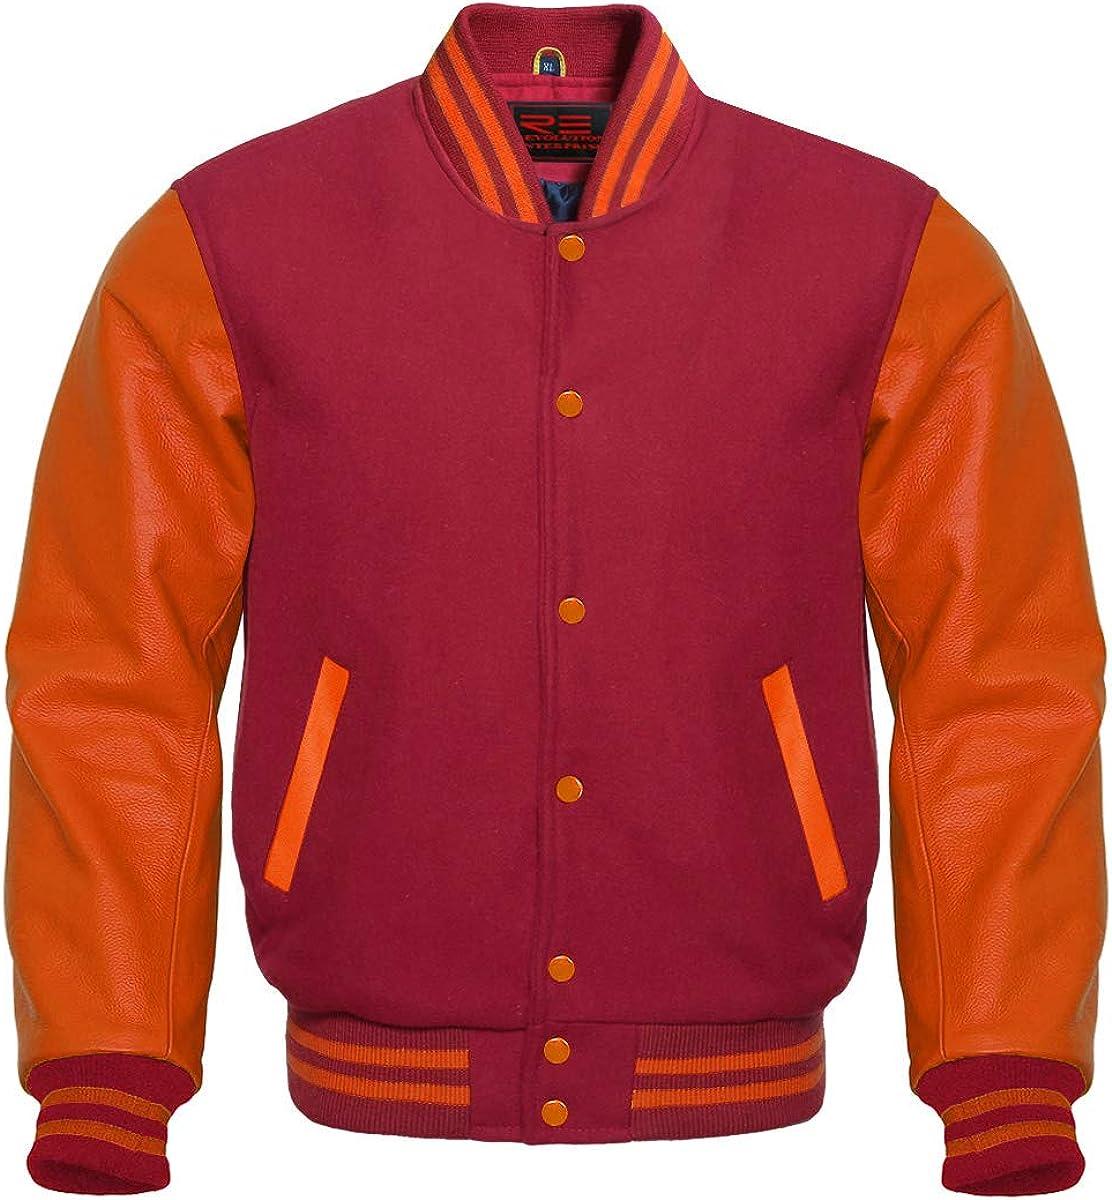 Varsity Letterman Baseball Bomber Retro Vintage Jacket Maroon Wool Orange Genuine Leather Sleeves